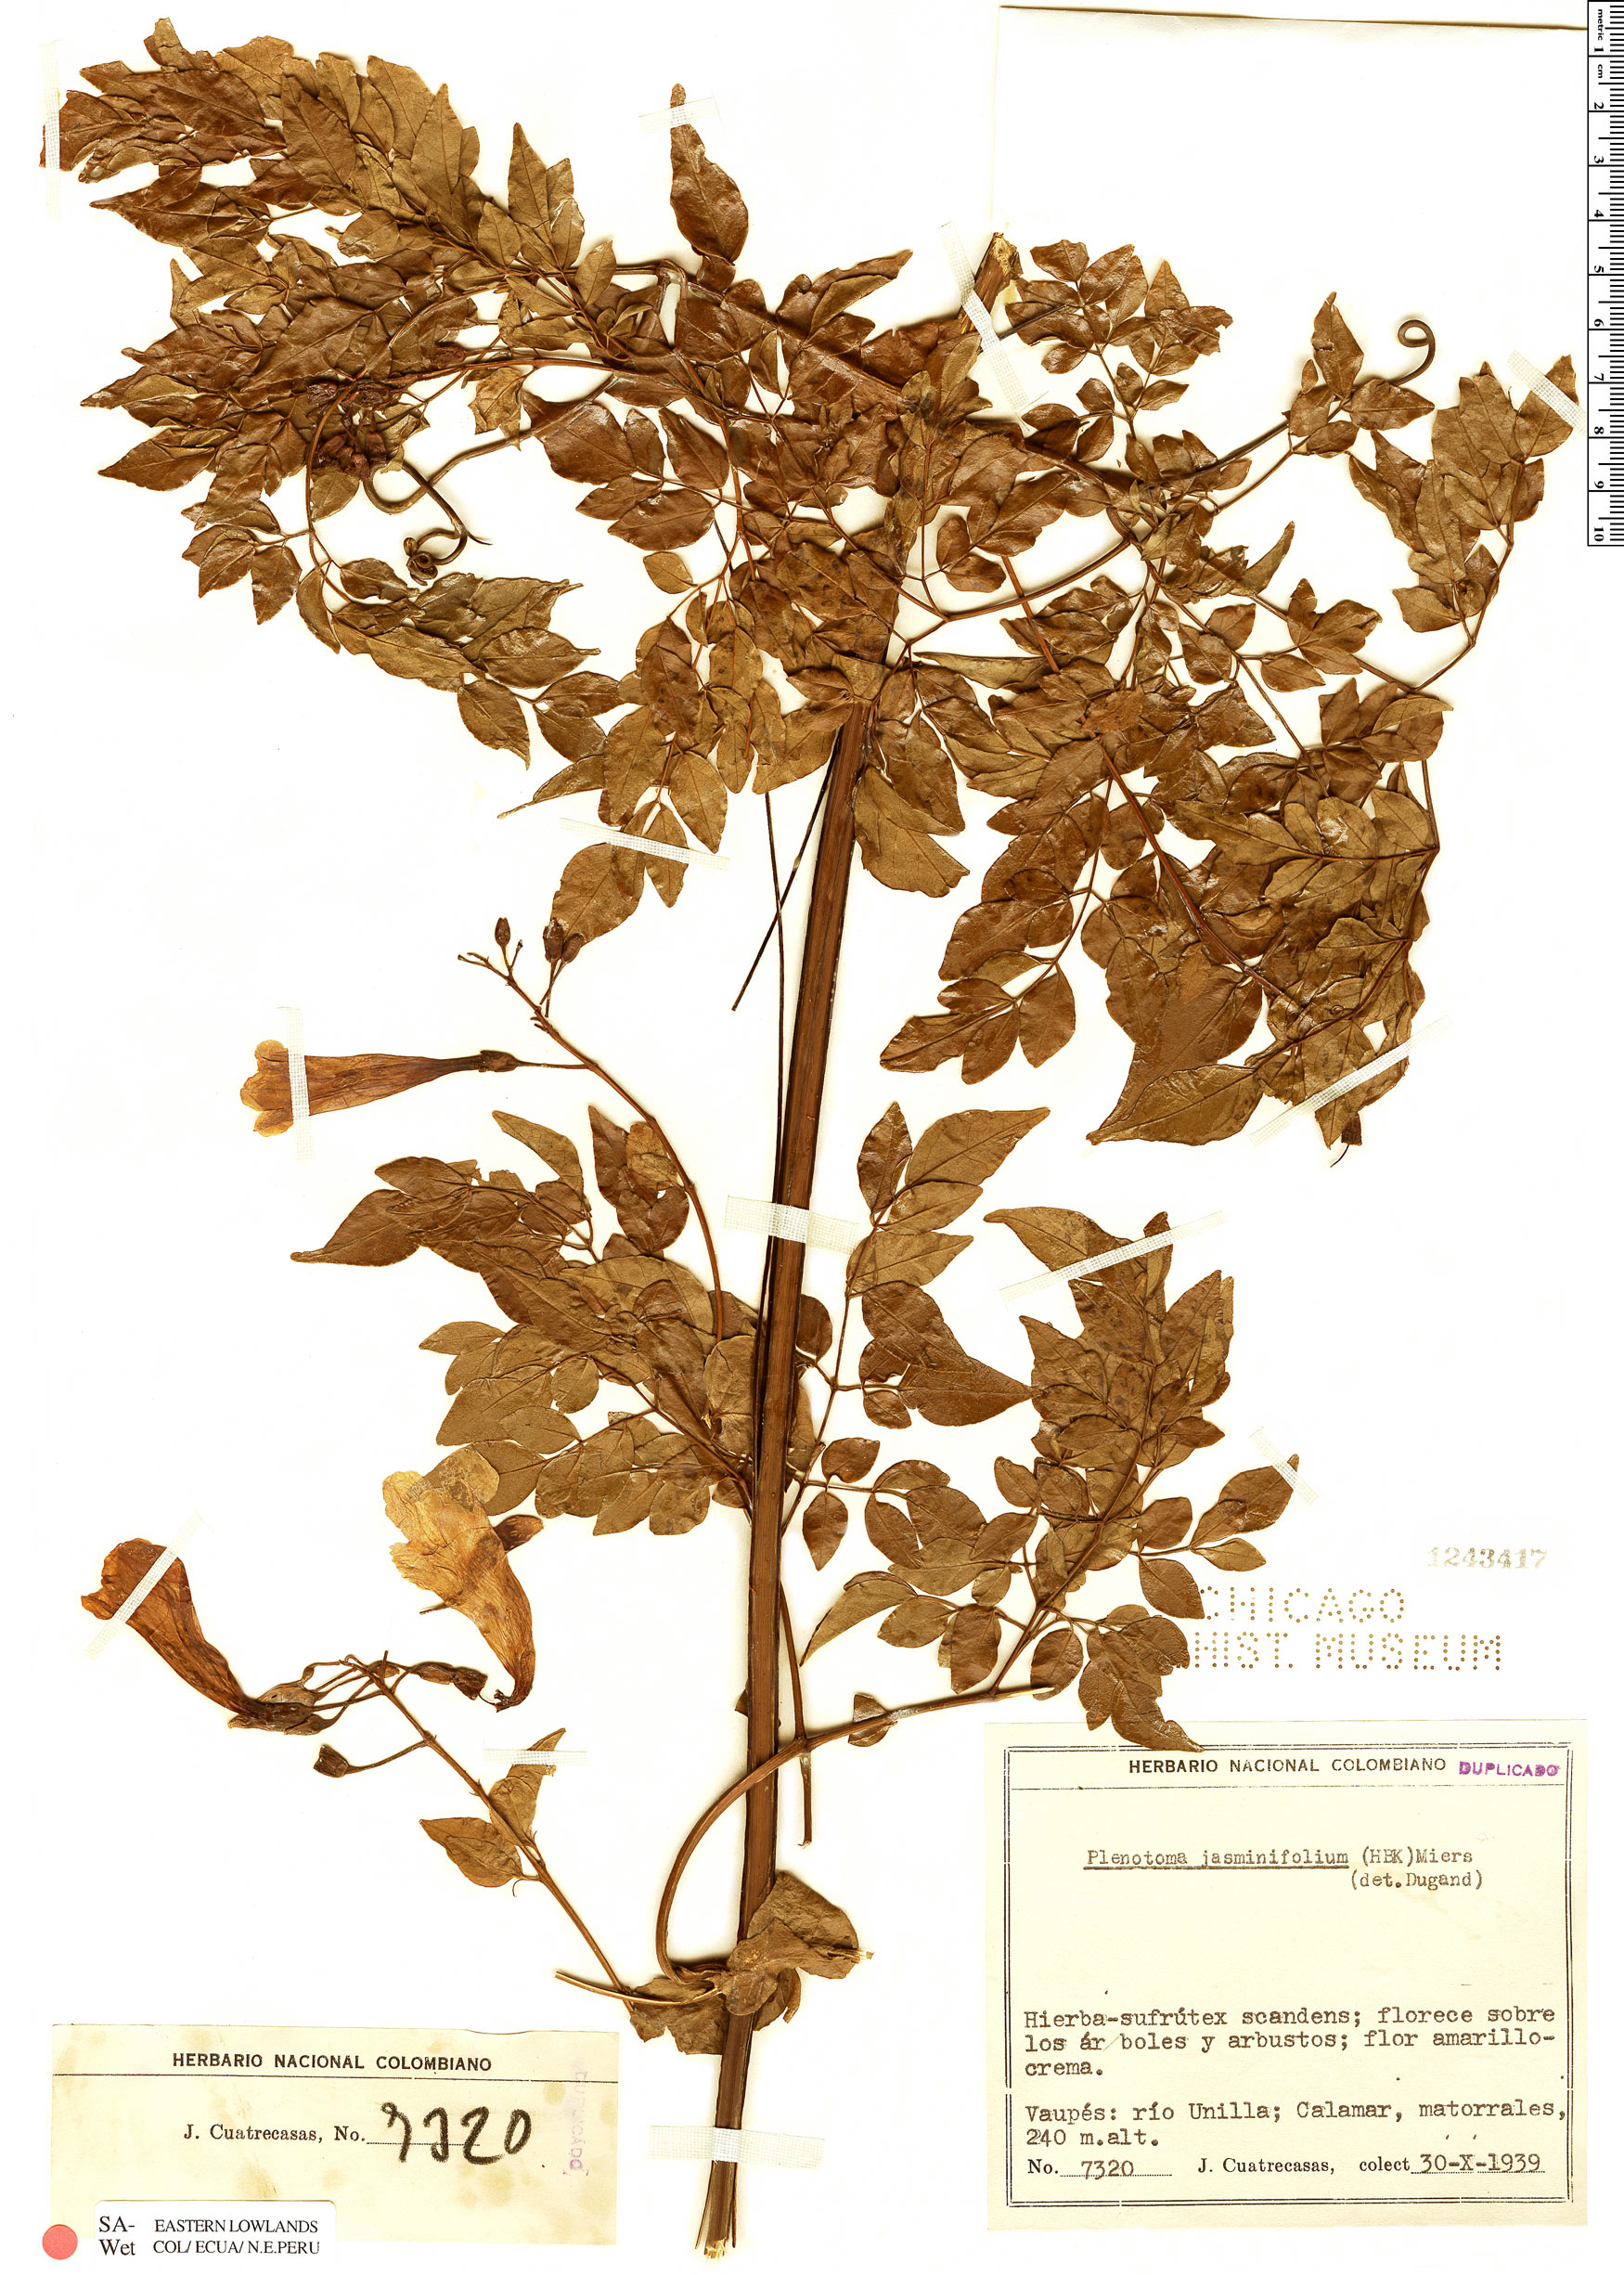 Specimen: Pleonotoma jasminifolia